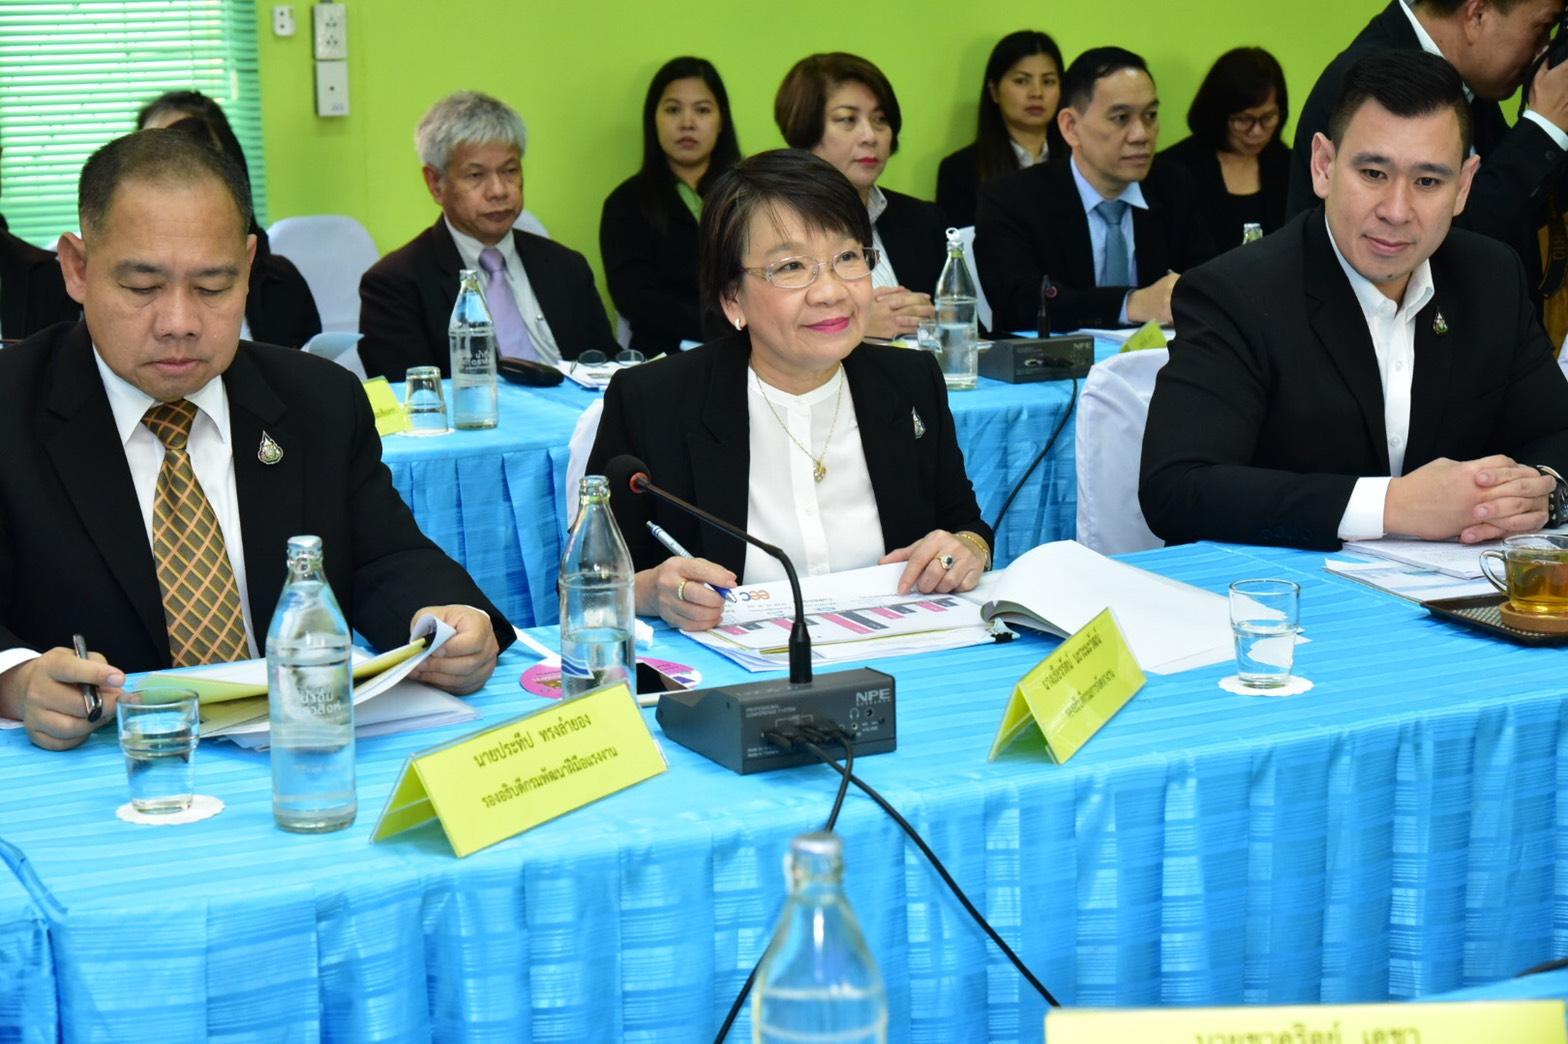 กรมการจัดหางาน ร่วมประชุมหัวหน้าส่วนราชการในสังกัดกระทรวงแรงงานในพื้นที่เขตพัฒนาพิเศษภาคตะวันออก